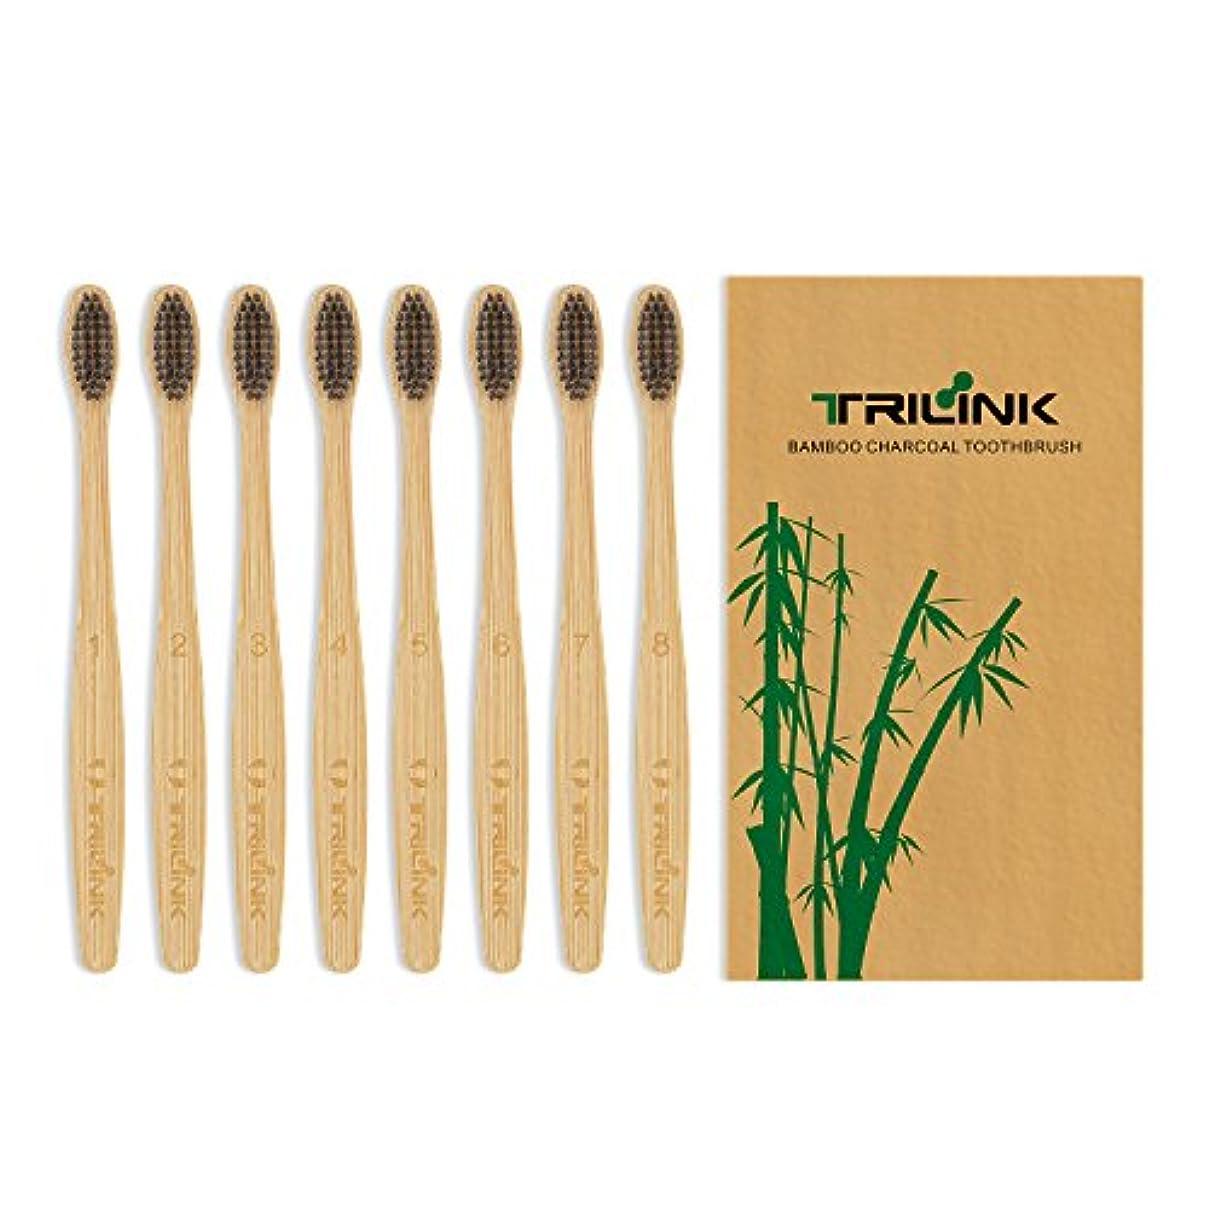 混合した上記の頭と肩変更大人用竹の歯ブラシ(8本) 環境保護 天然の柔らかい ハブラシ【 活性炭を注入】